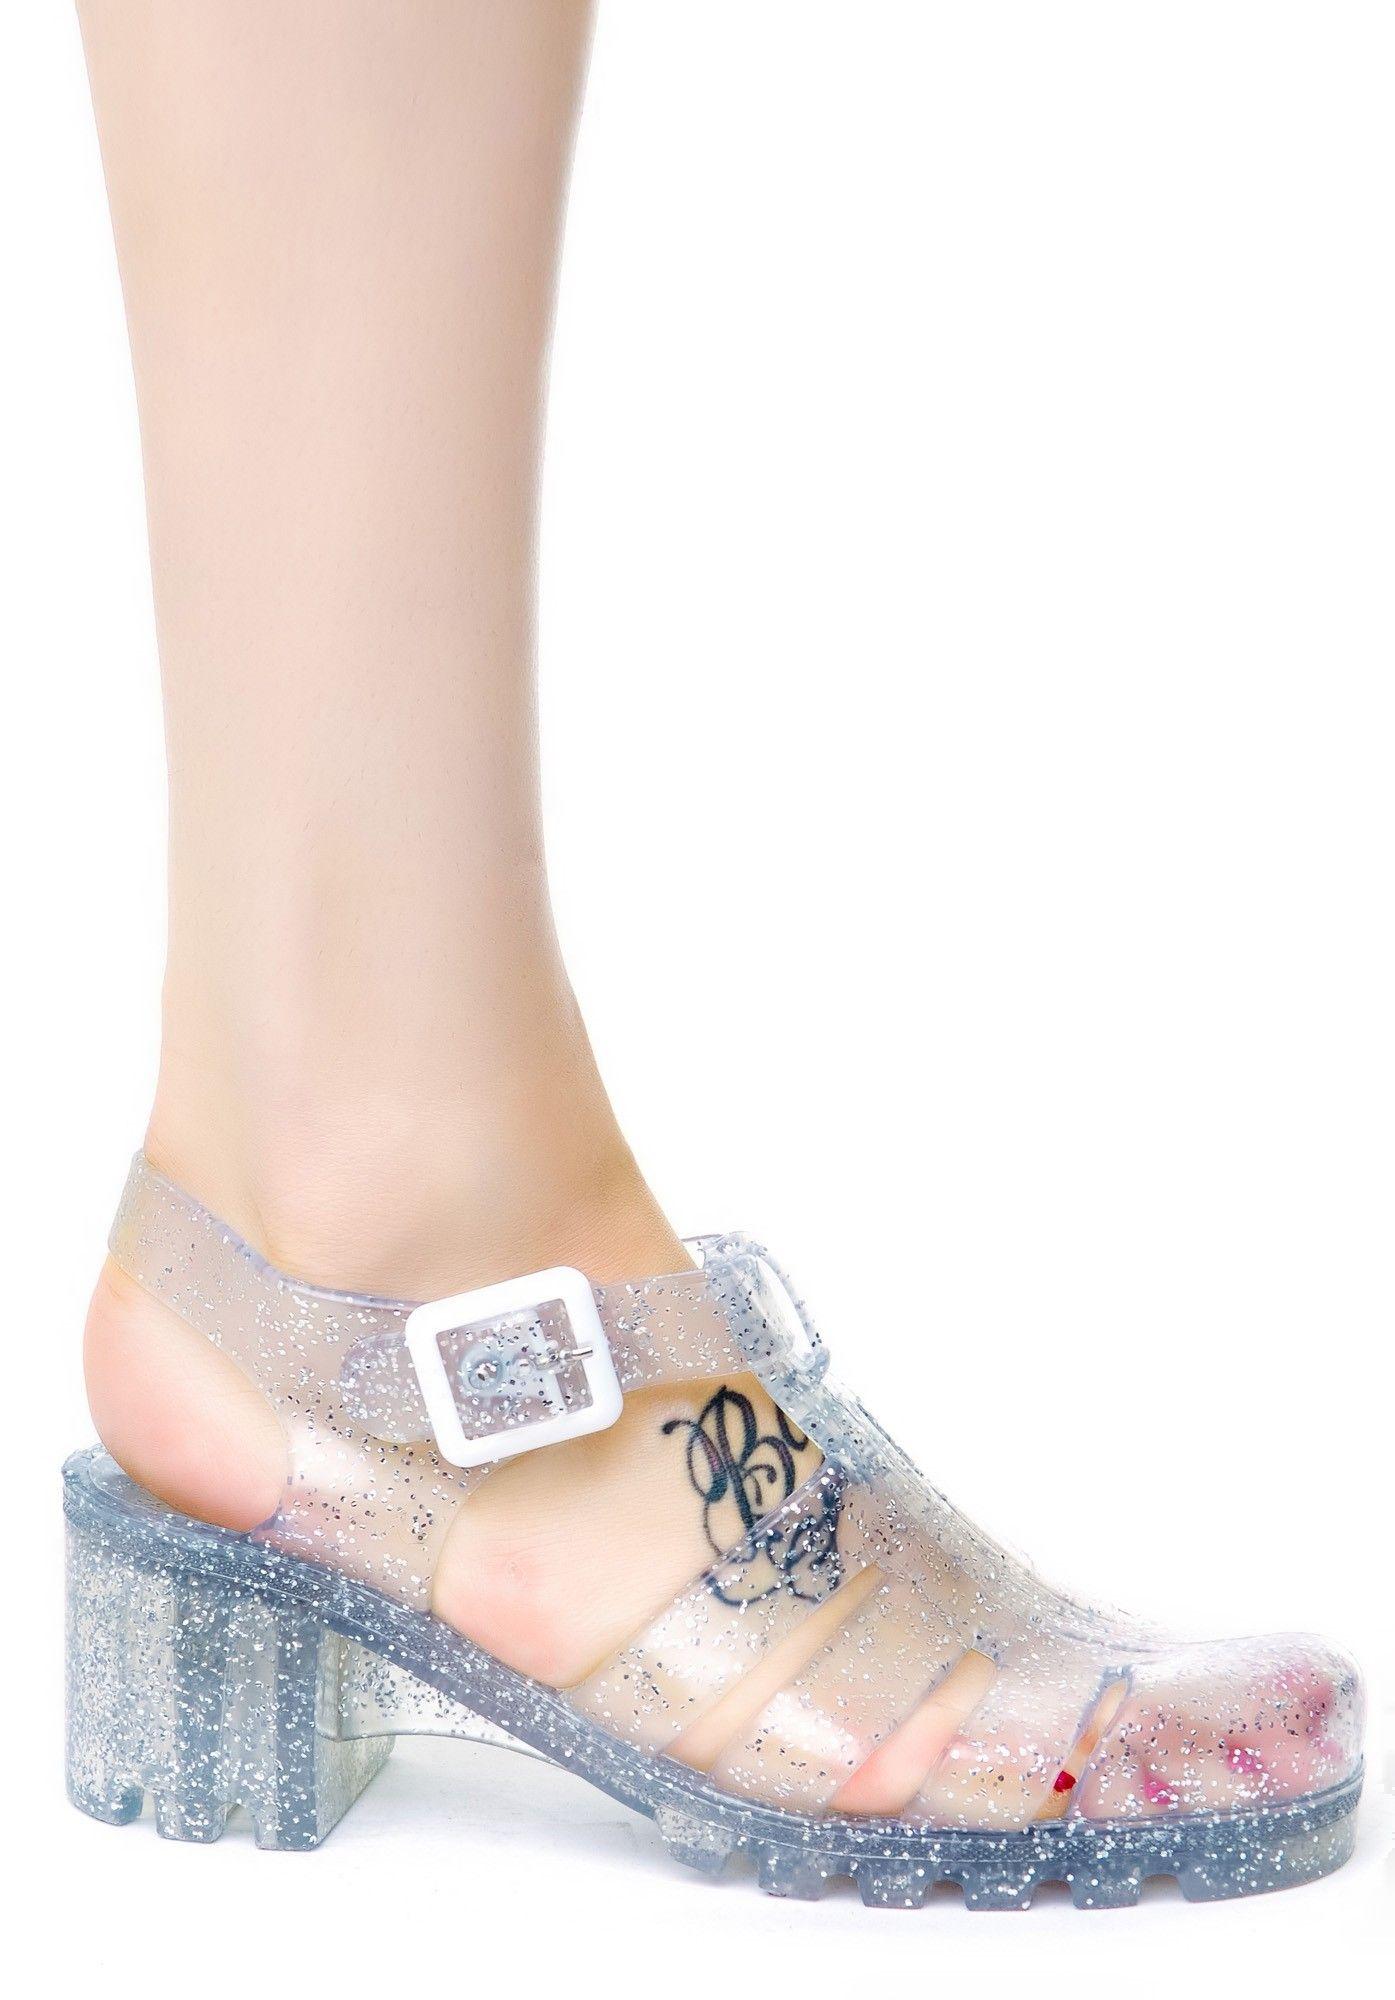 Juju Shoes Babe Jelly JuJu Jellies Dolls Kill kawaii